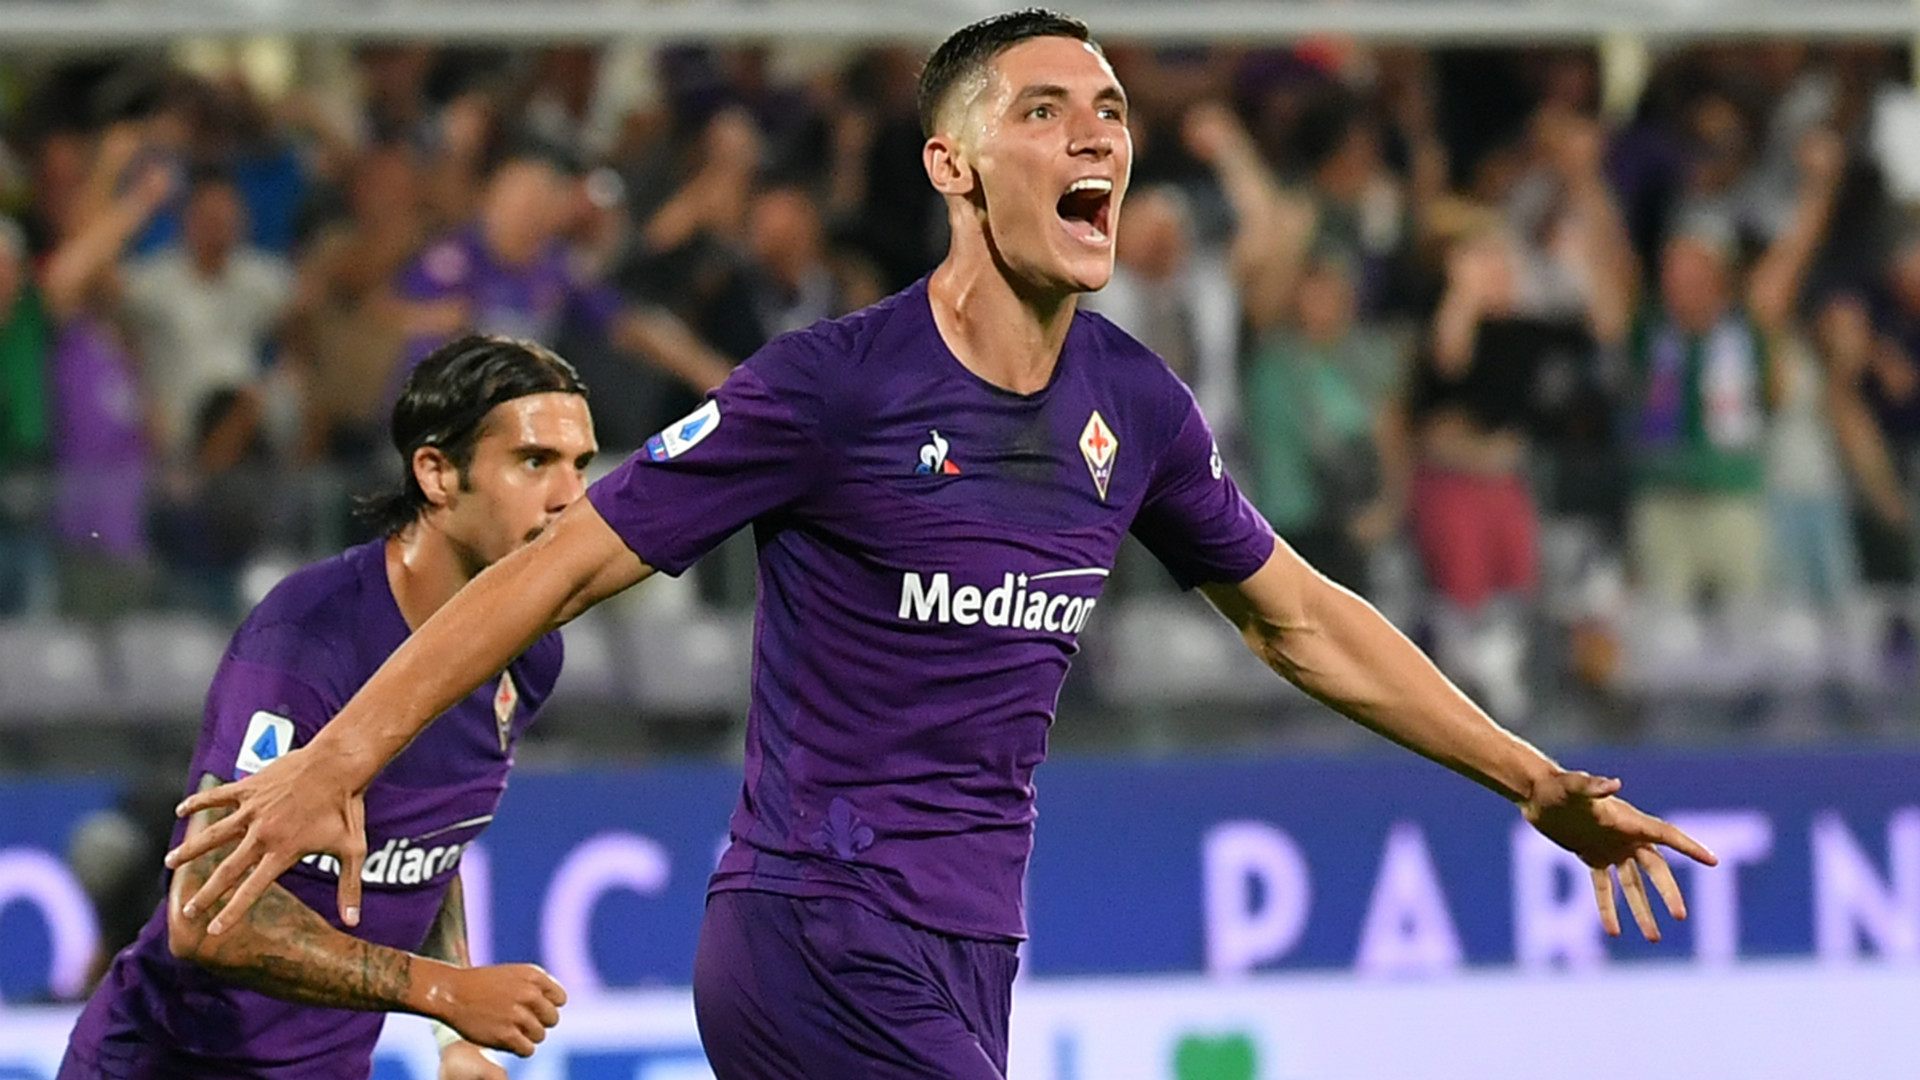 Fiorentina-Genoa 1-1, Milenkovic riacciuffa il Genoa al 98′. Primo punto per Prandelli